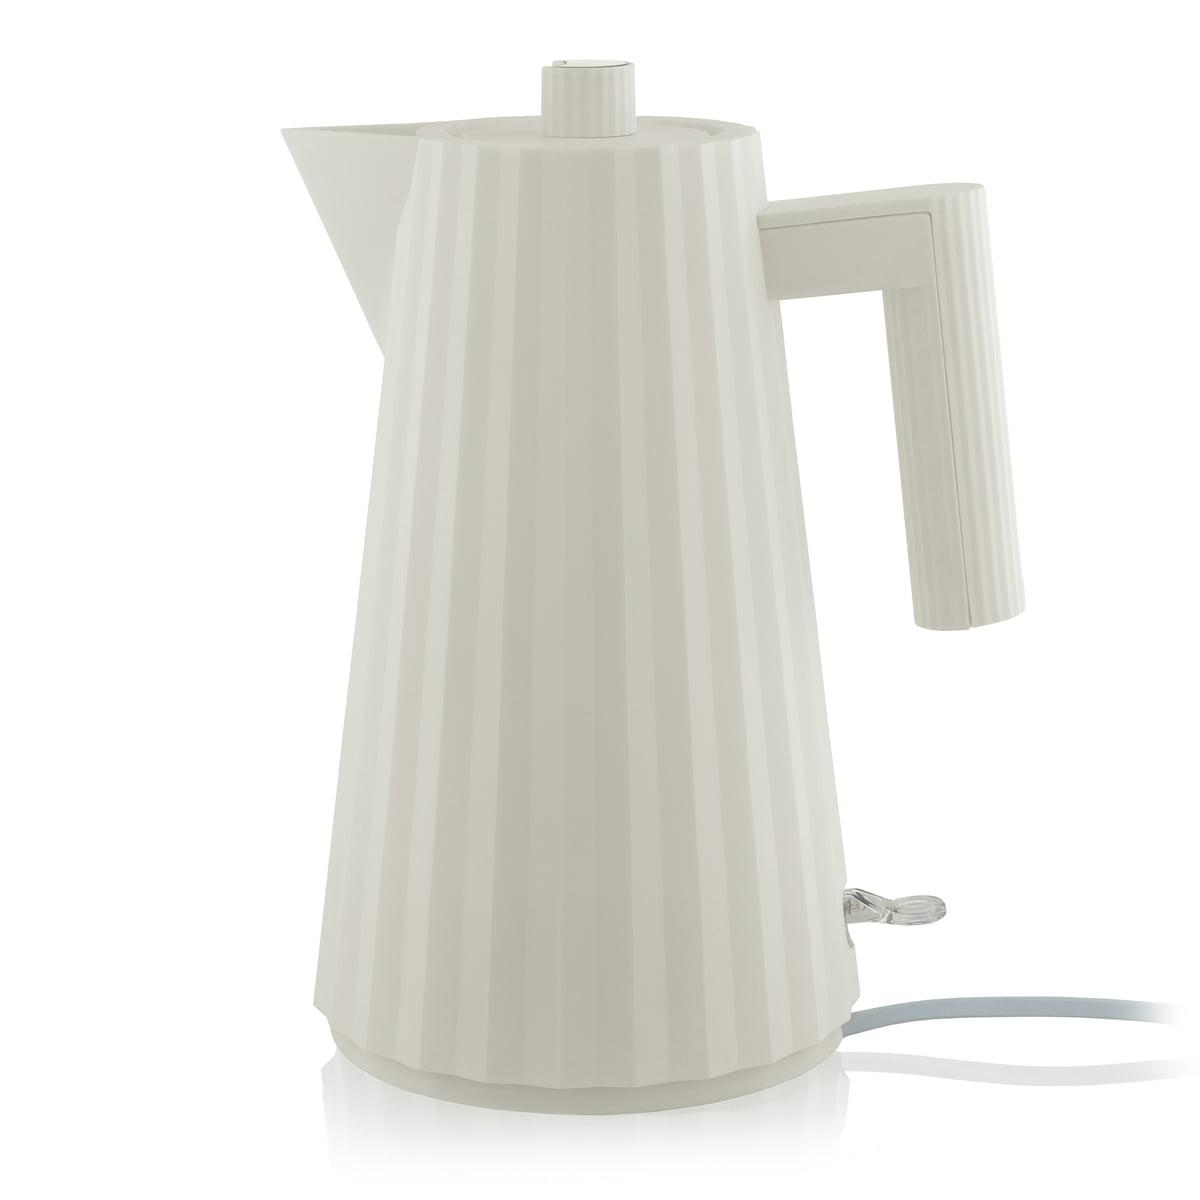 Alessi - Plissé Wasserkocher 1,7 l, weiß